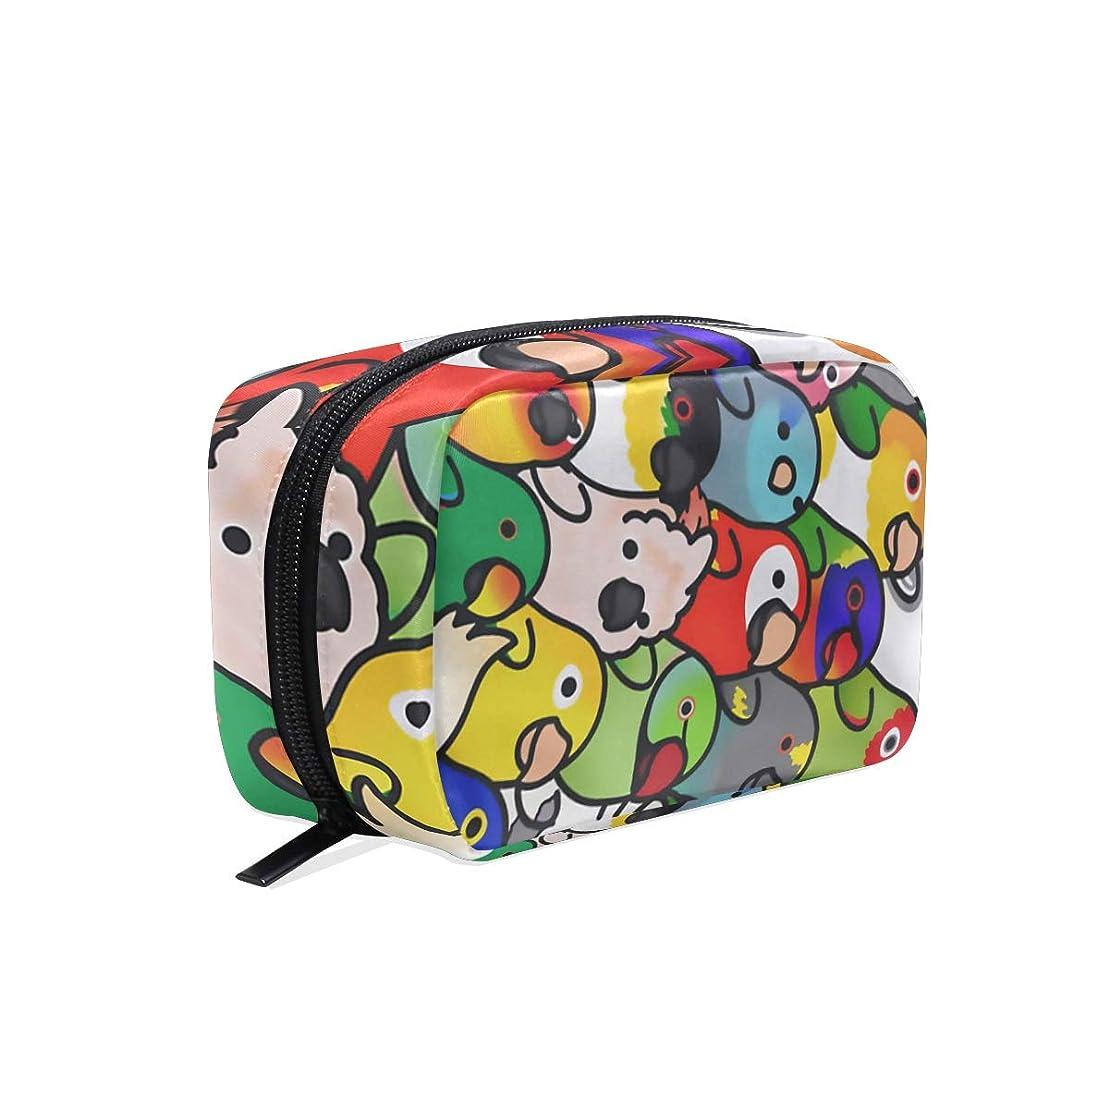 悪意遠え火薬鳥 鸚鵡 こんごういんこ 化粧品袋 ジッパーと繊細な印刷パターン付き 列車 旅行 荷物梱包用 女の子へのプレゼント Parrots Lovebird Macaw